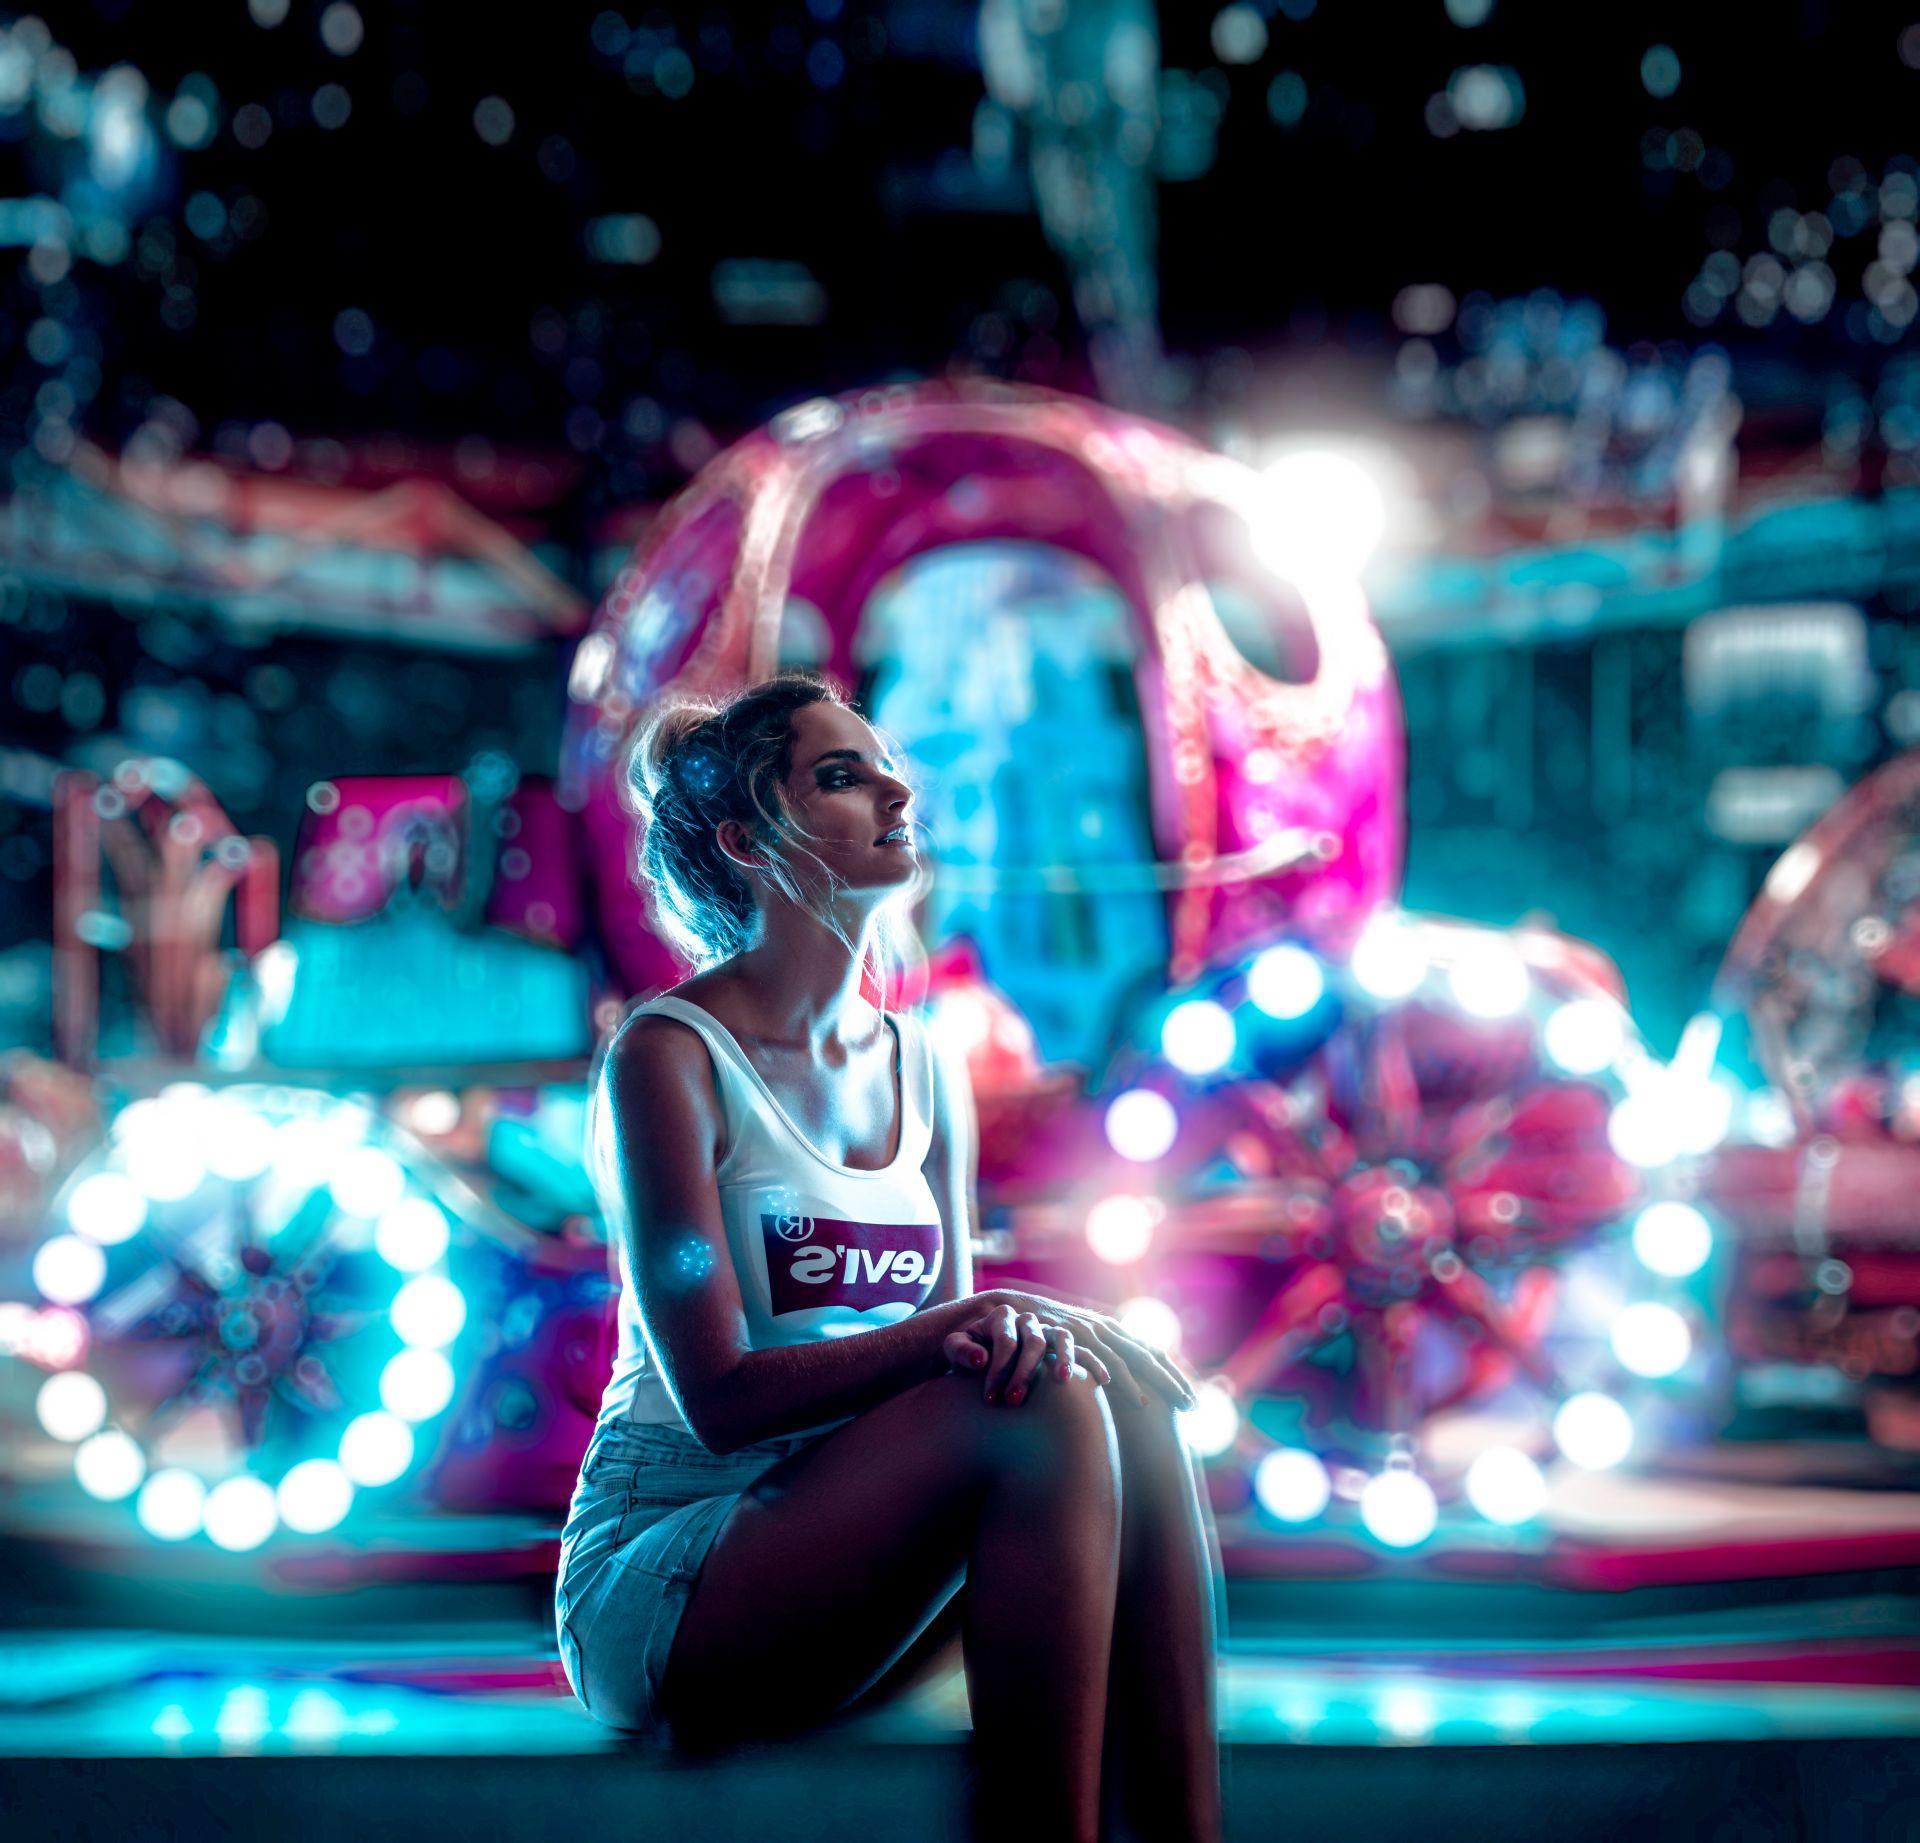 Les photographes de Joomeo : Make up, lumière, beauté, le monde merveilleux de Marc Williams.